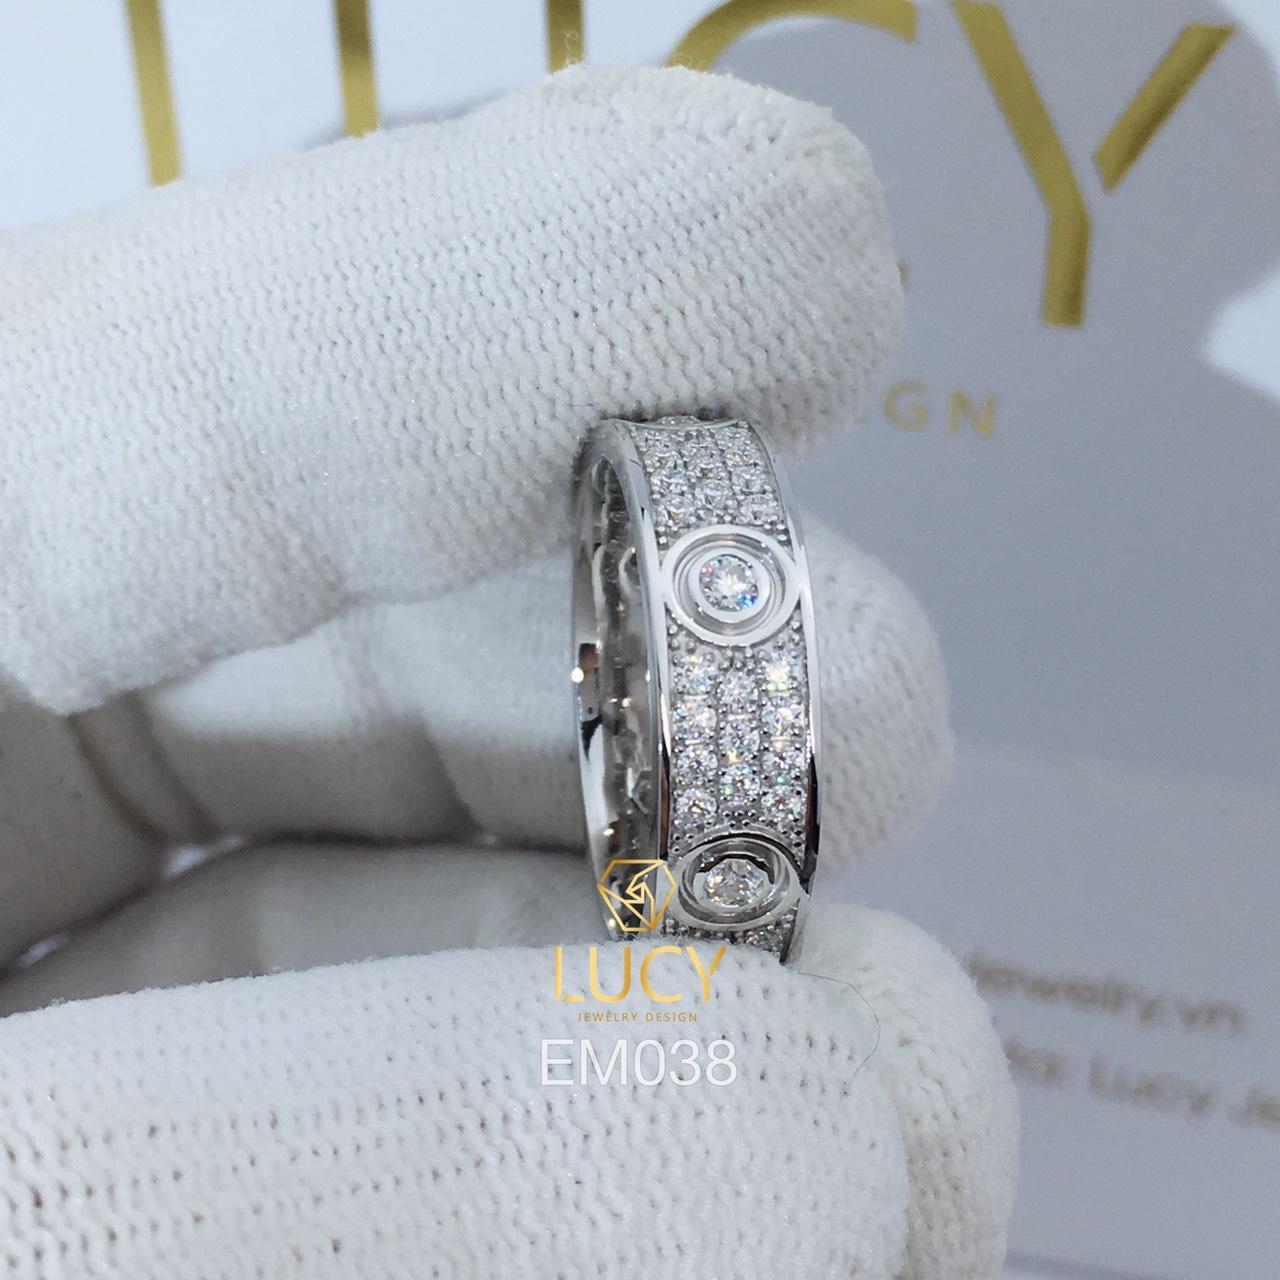 EM038 Nhẫn C.A.R.TI.ER full đá, nhẫn vàng, nhẫn thiết kế - Lucy Jewelry